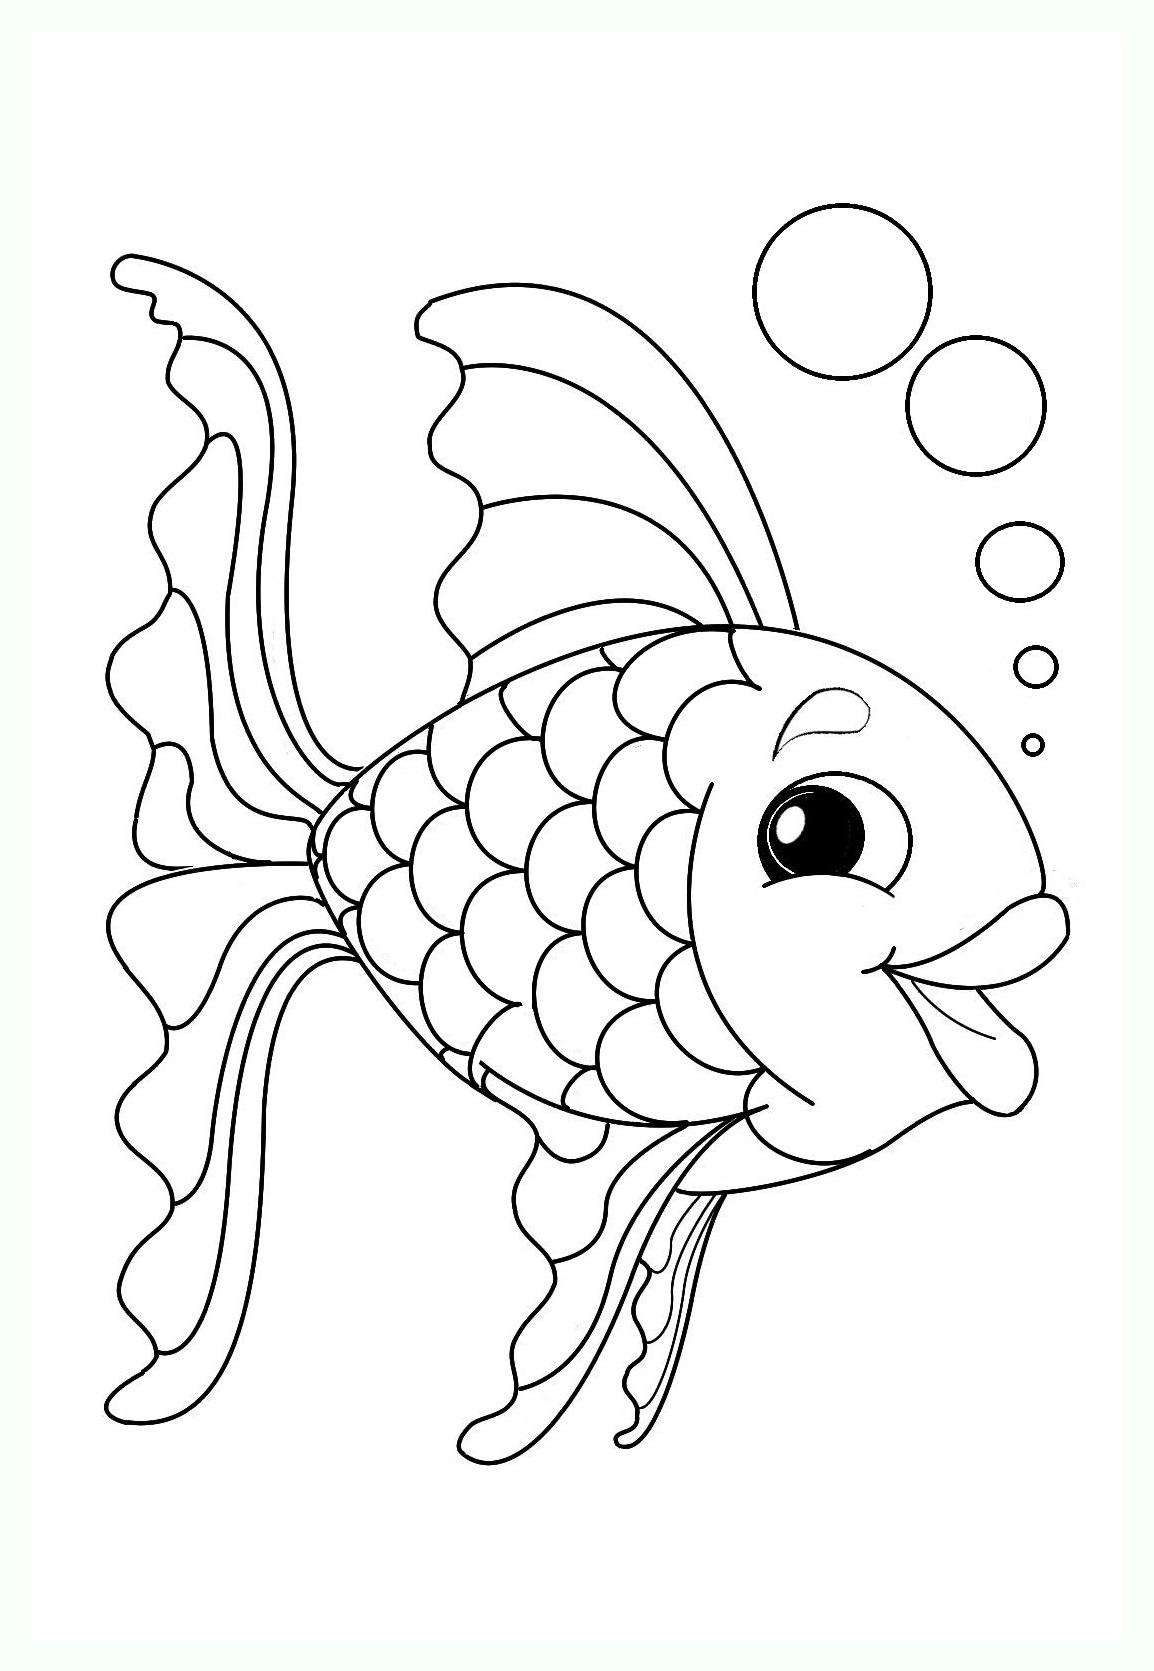 Poisson 4 coloriage de poissons coloriages pour enfants - Dessin de poisson facile ...